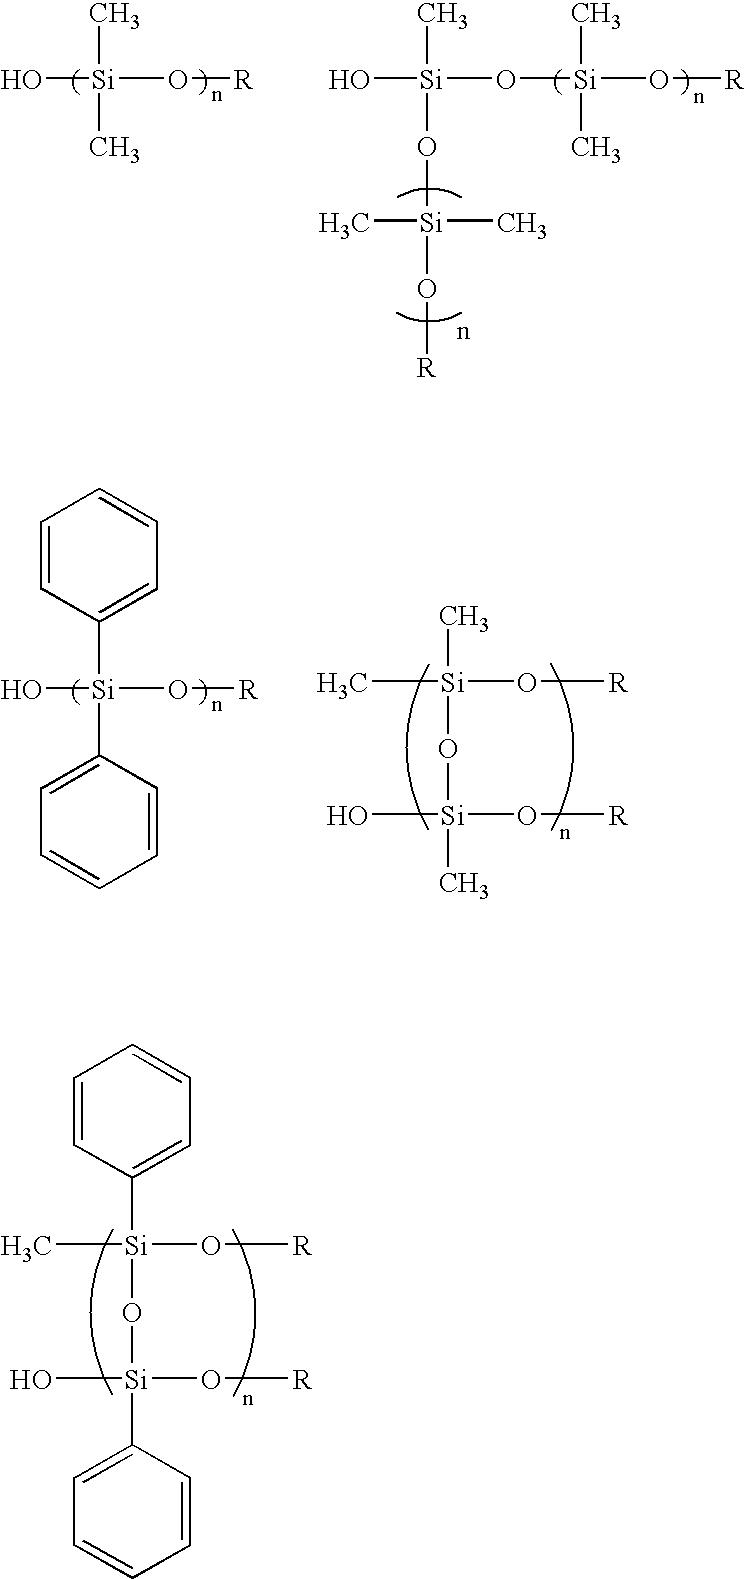 Figure US07511102-20090331-C00011